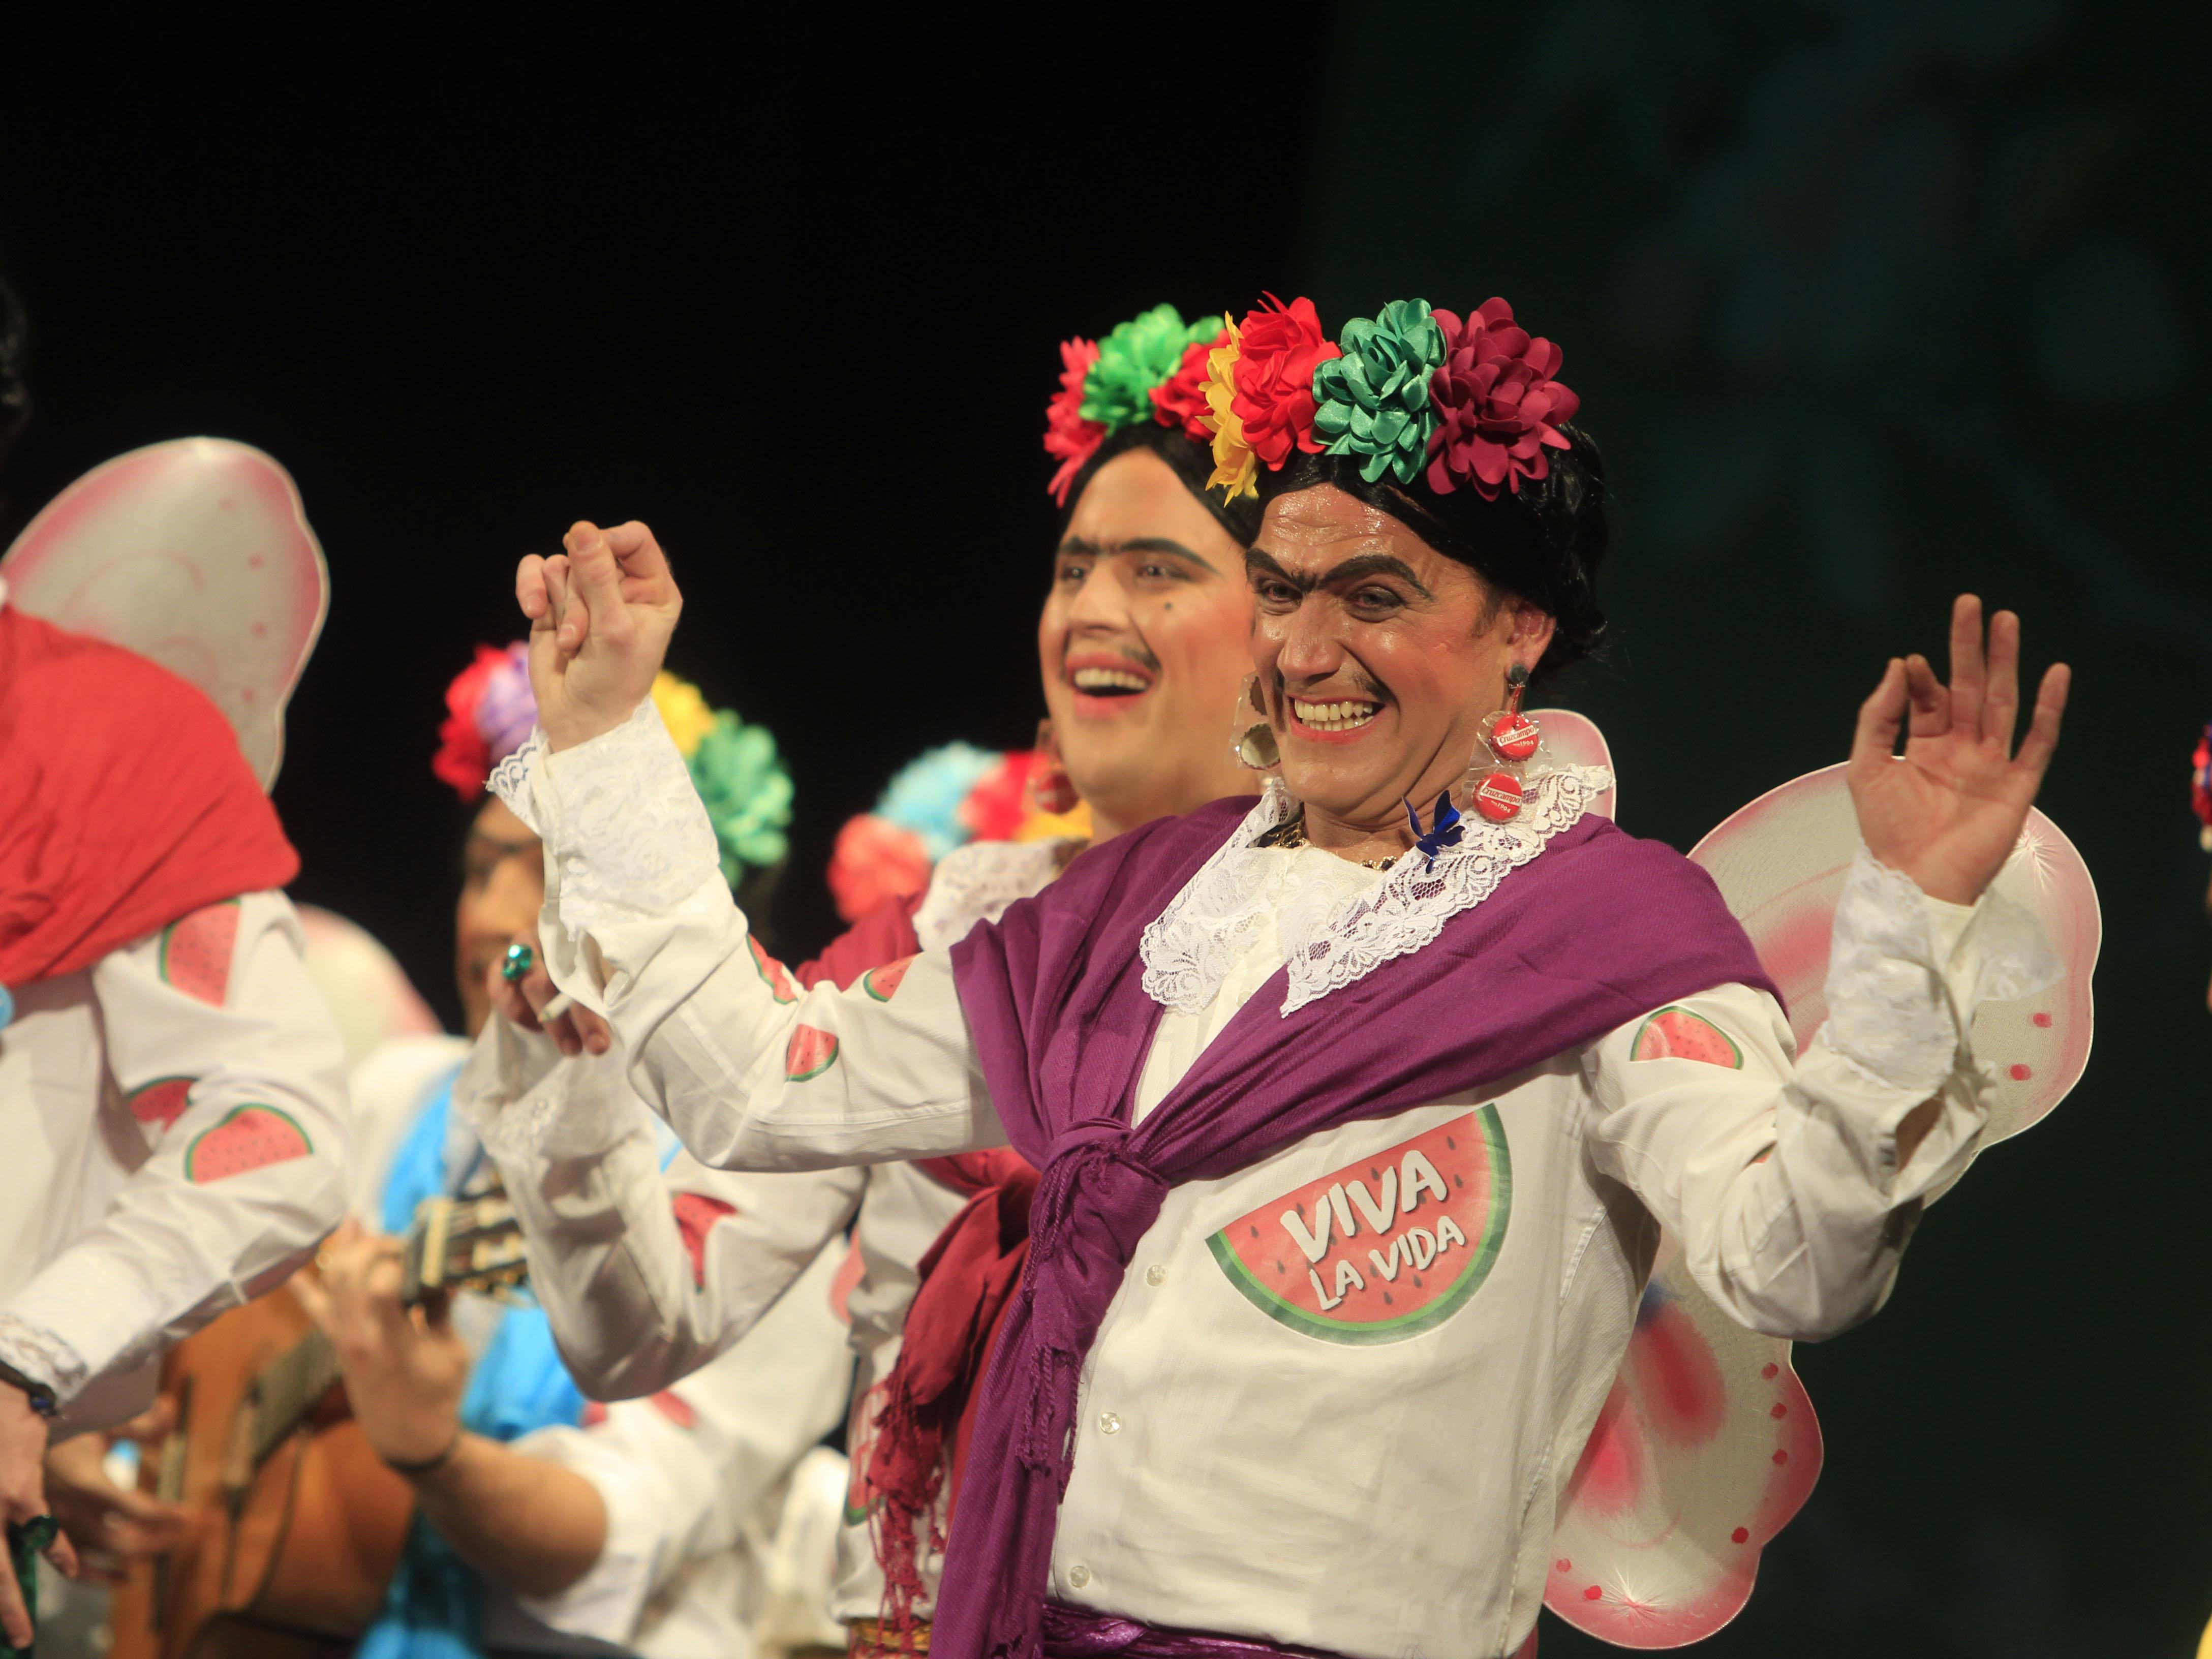 La revolución de las mariposas (Las Frida Kahlo)